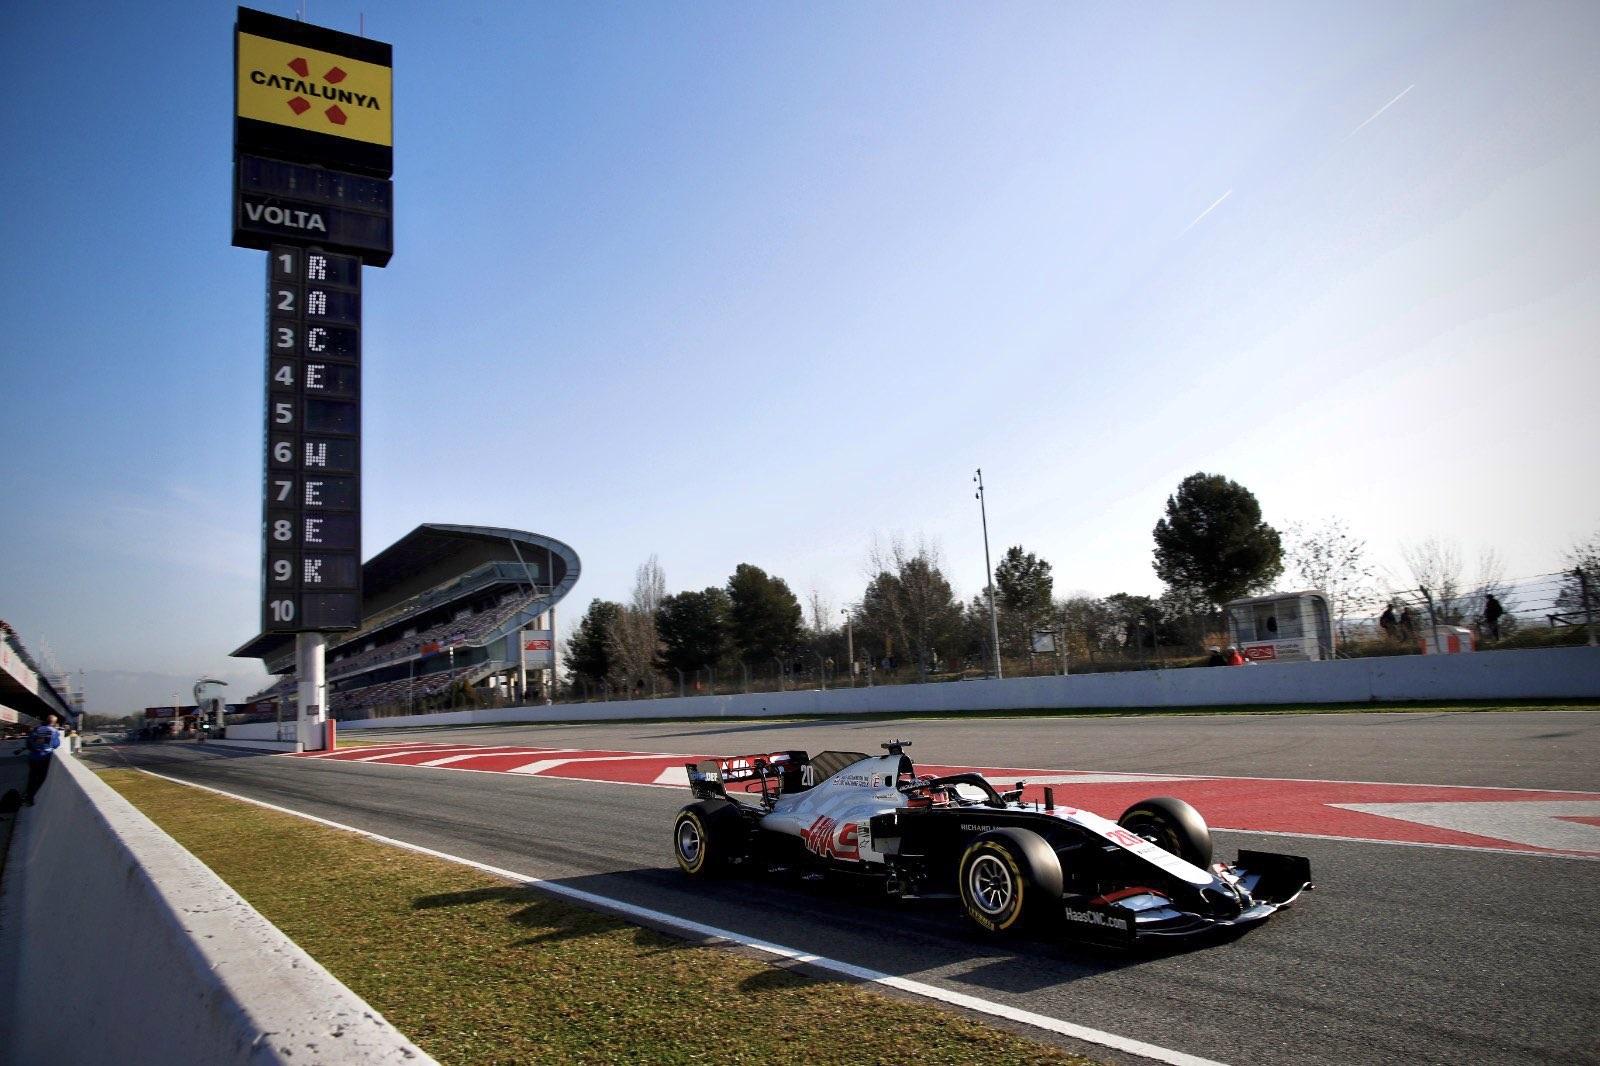 F1 - Le circuit de Barcelone apportera des modifications au virage 10